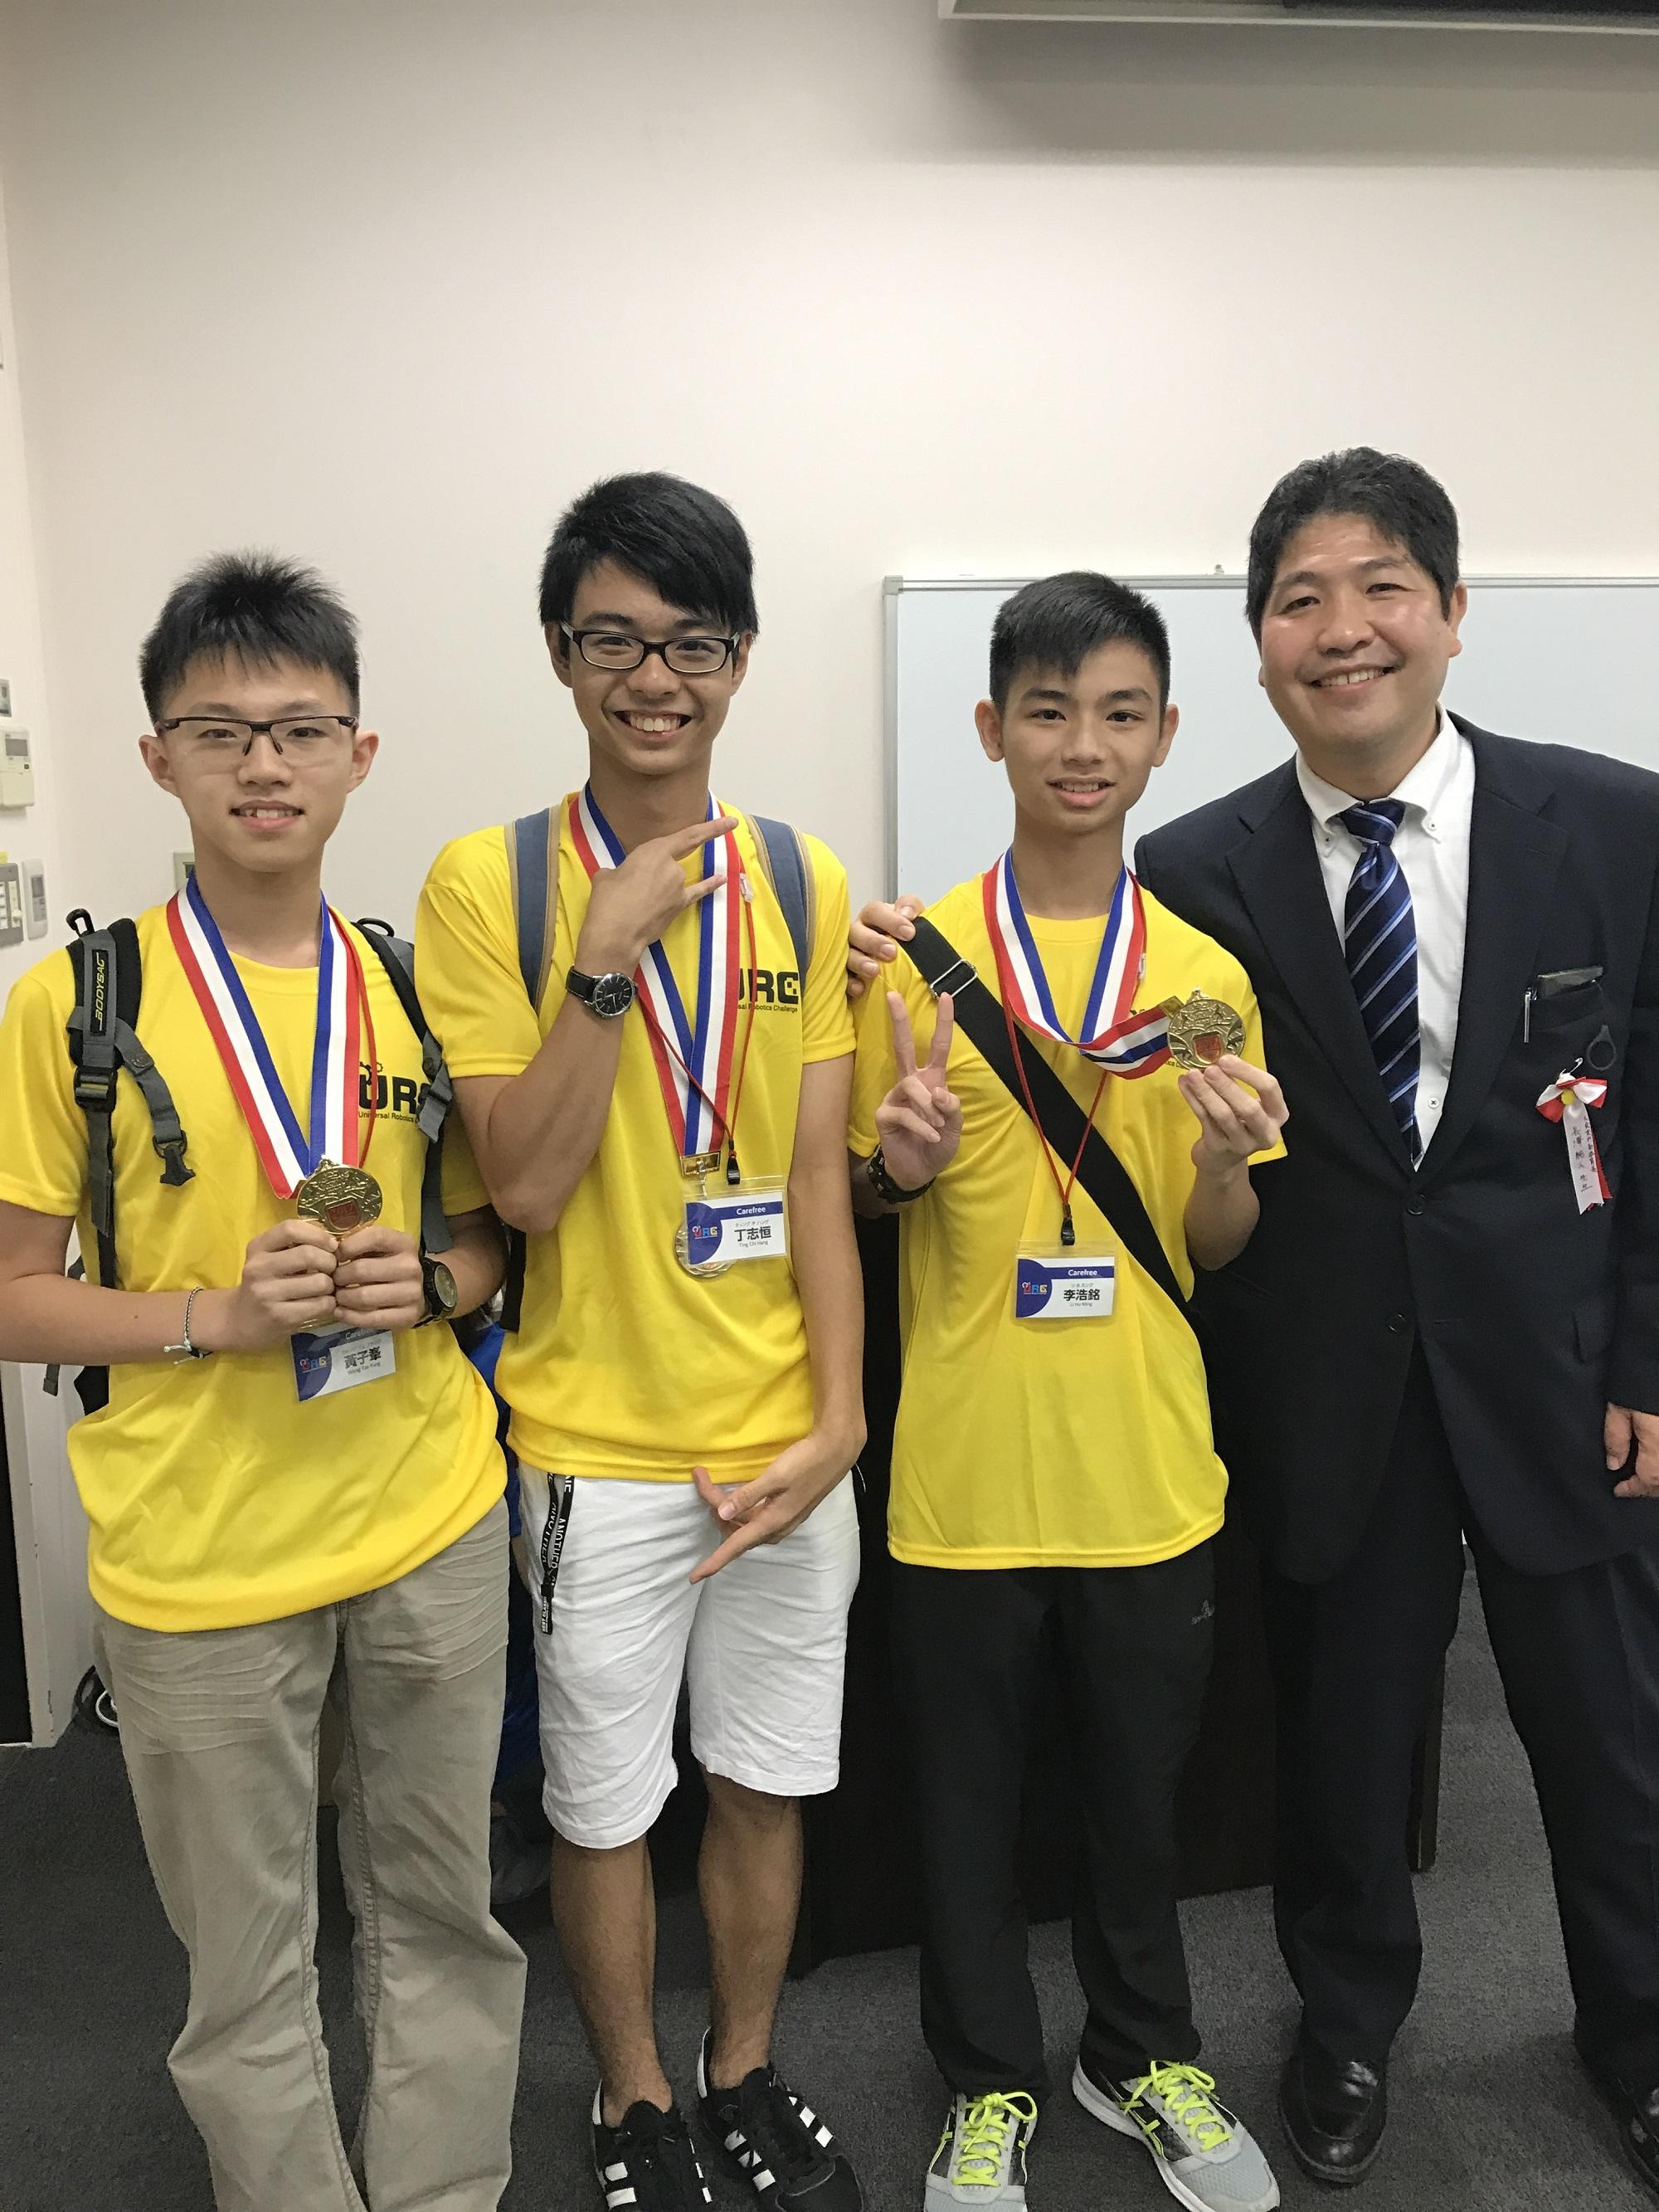 天主教慈幼會伍少梅中學的日本機械人比賽 - Universal Robotic Challenge 最佳設計獎相片14